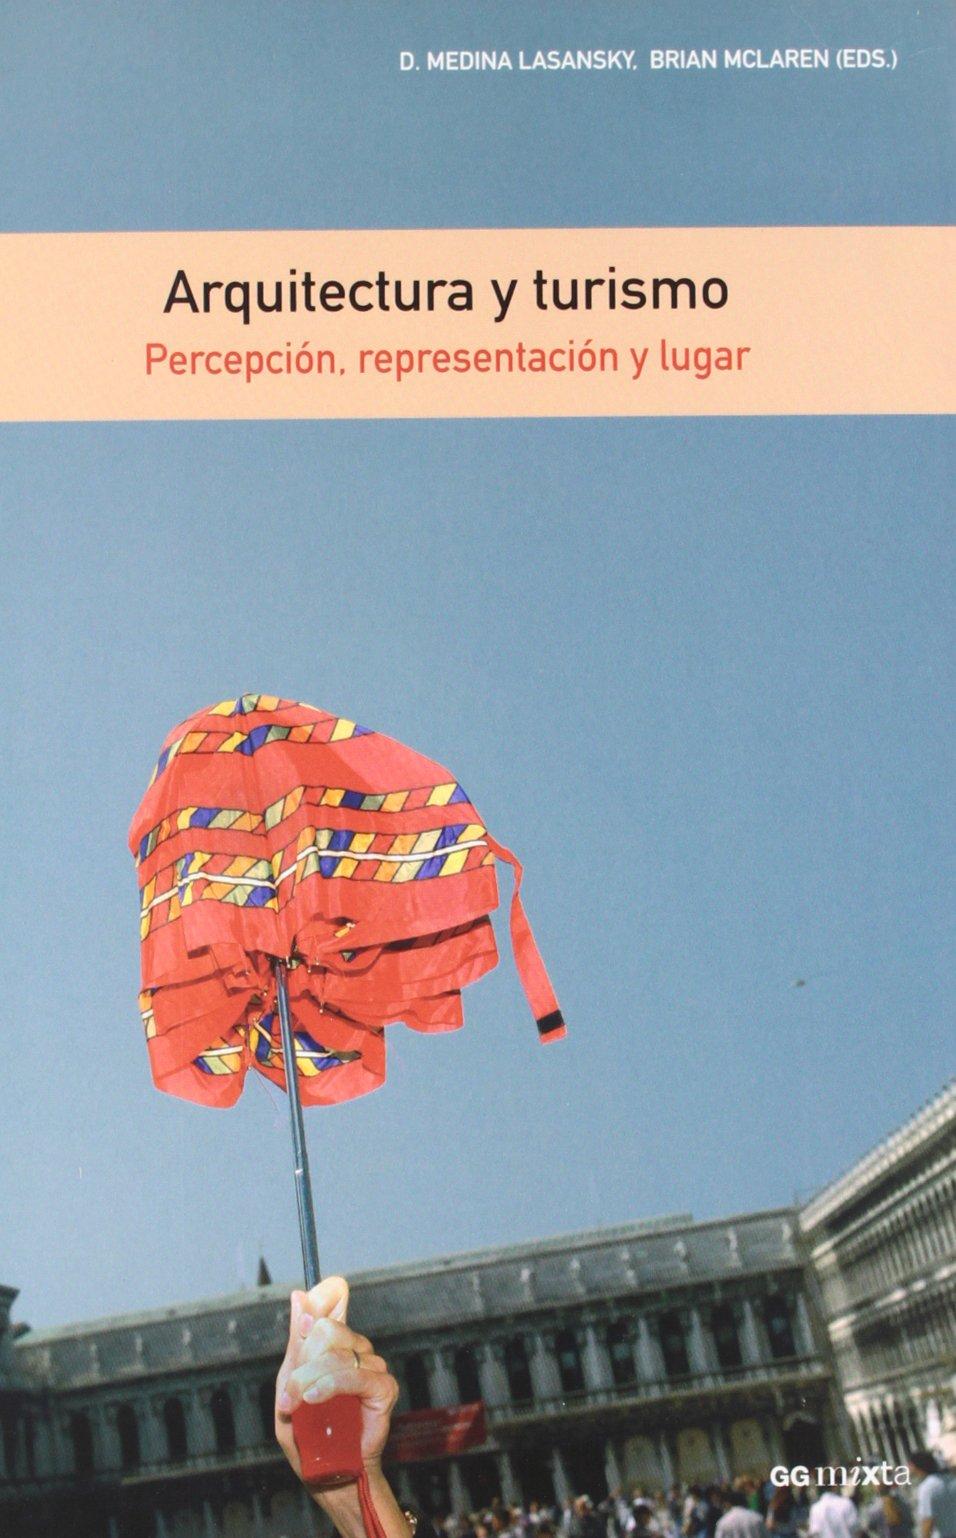 Arquitectura y turismo: Percepción, representación y lugar Gg Mixta gustavo Gili: Amazon.es: McLaren, Brian, Medina Lasansky, D.: Libros